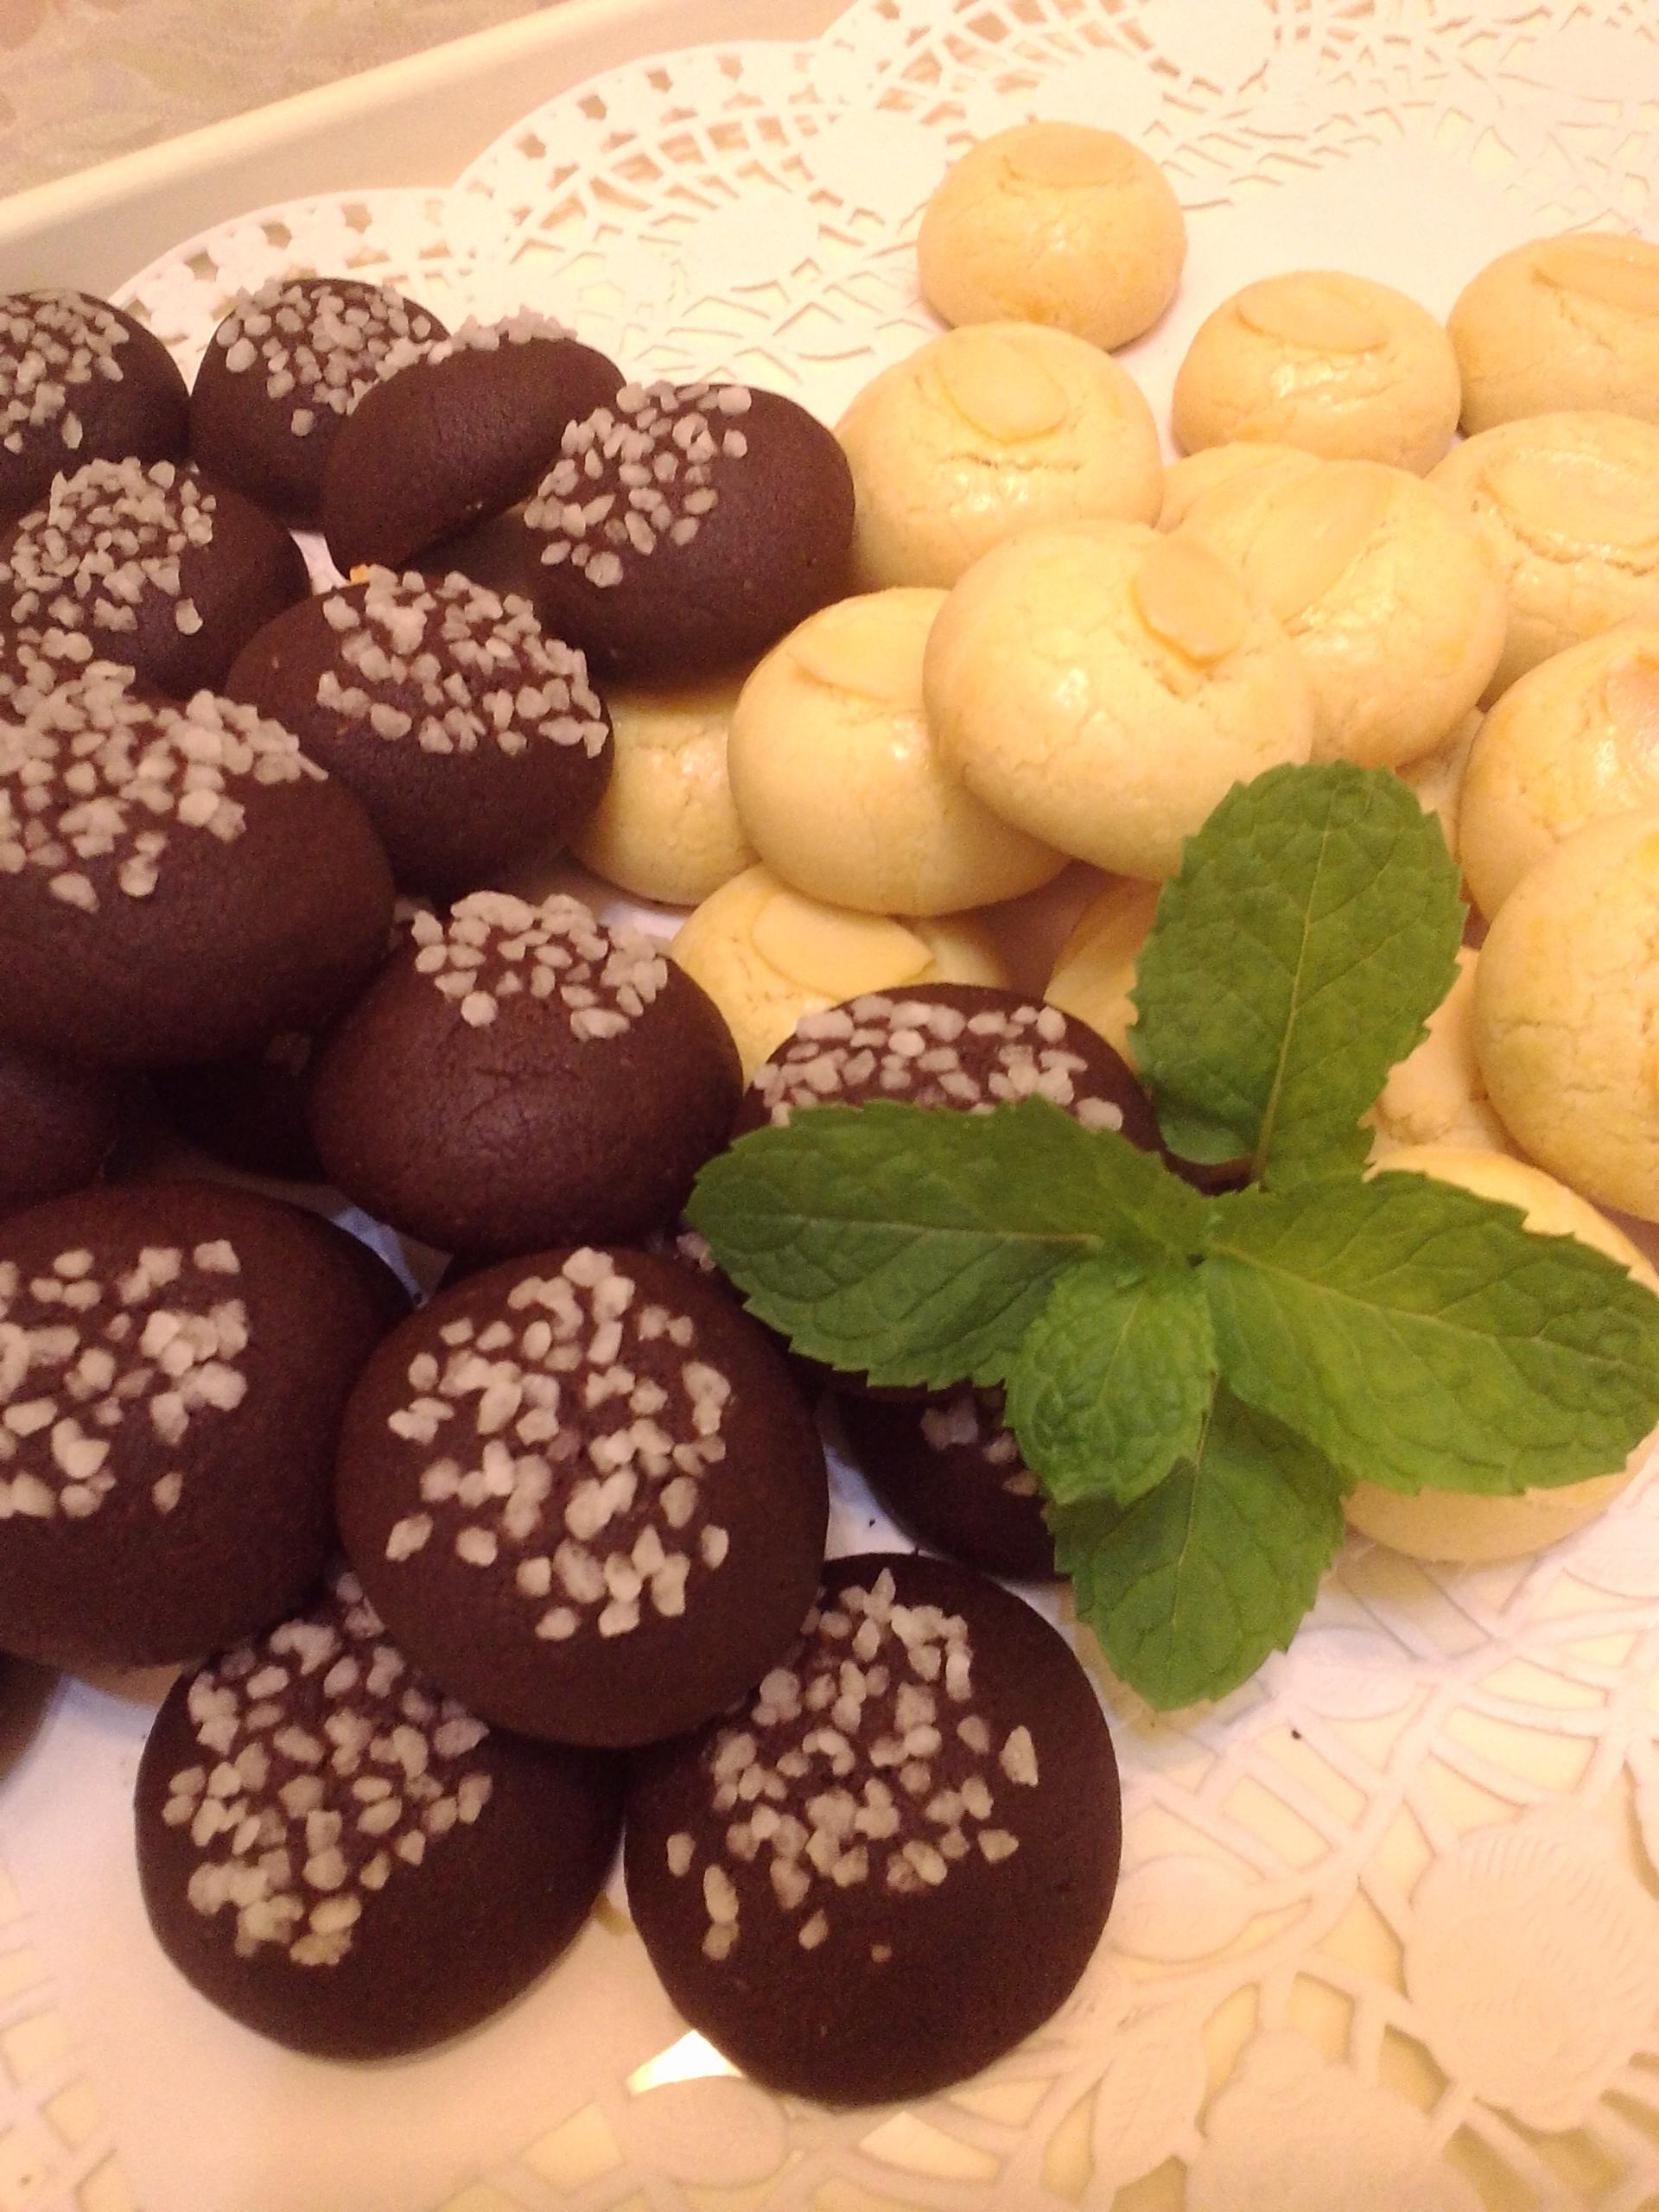 珍珠糖巧克力球 vs 杏仁雪球